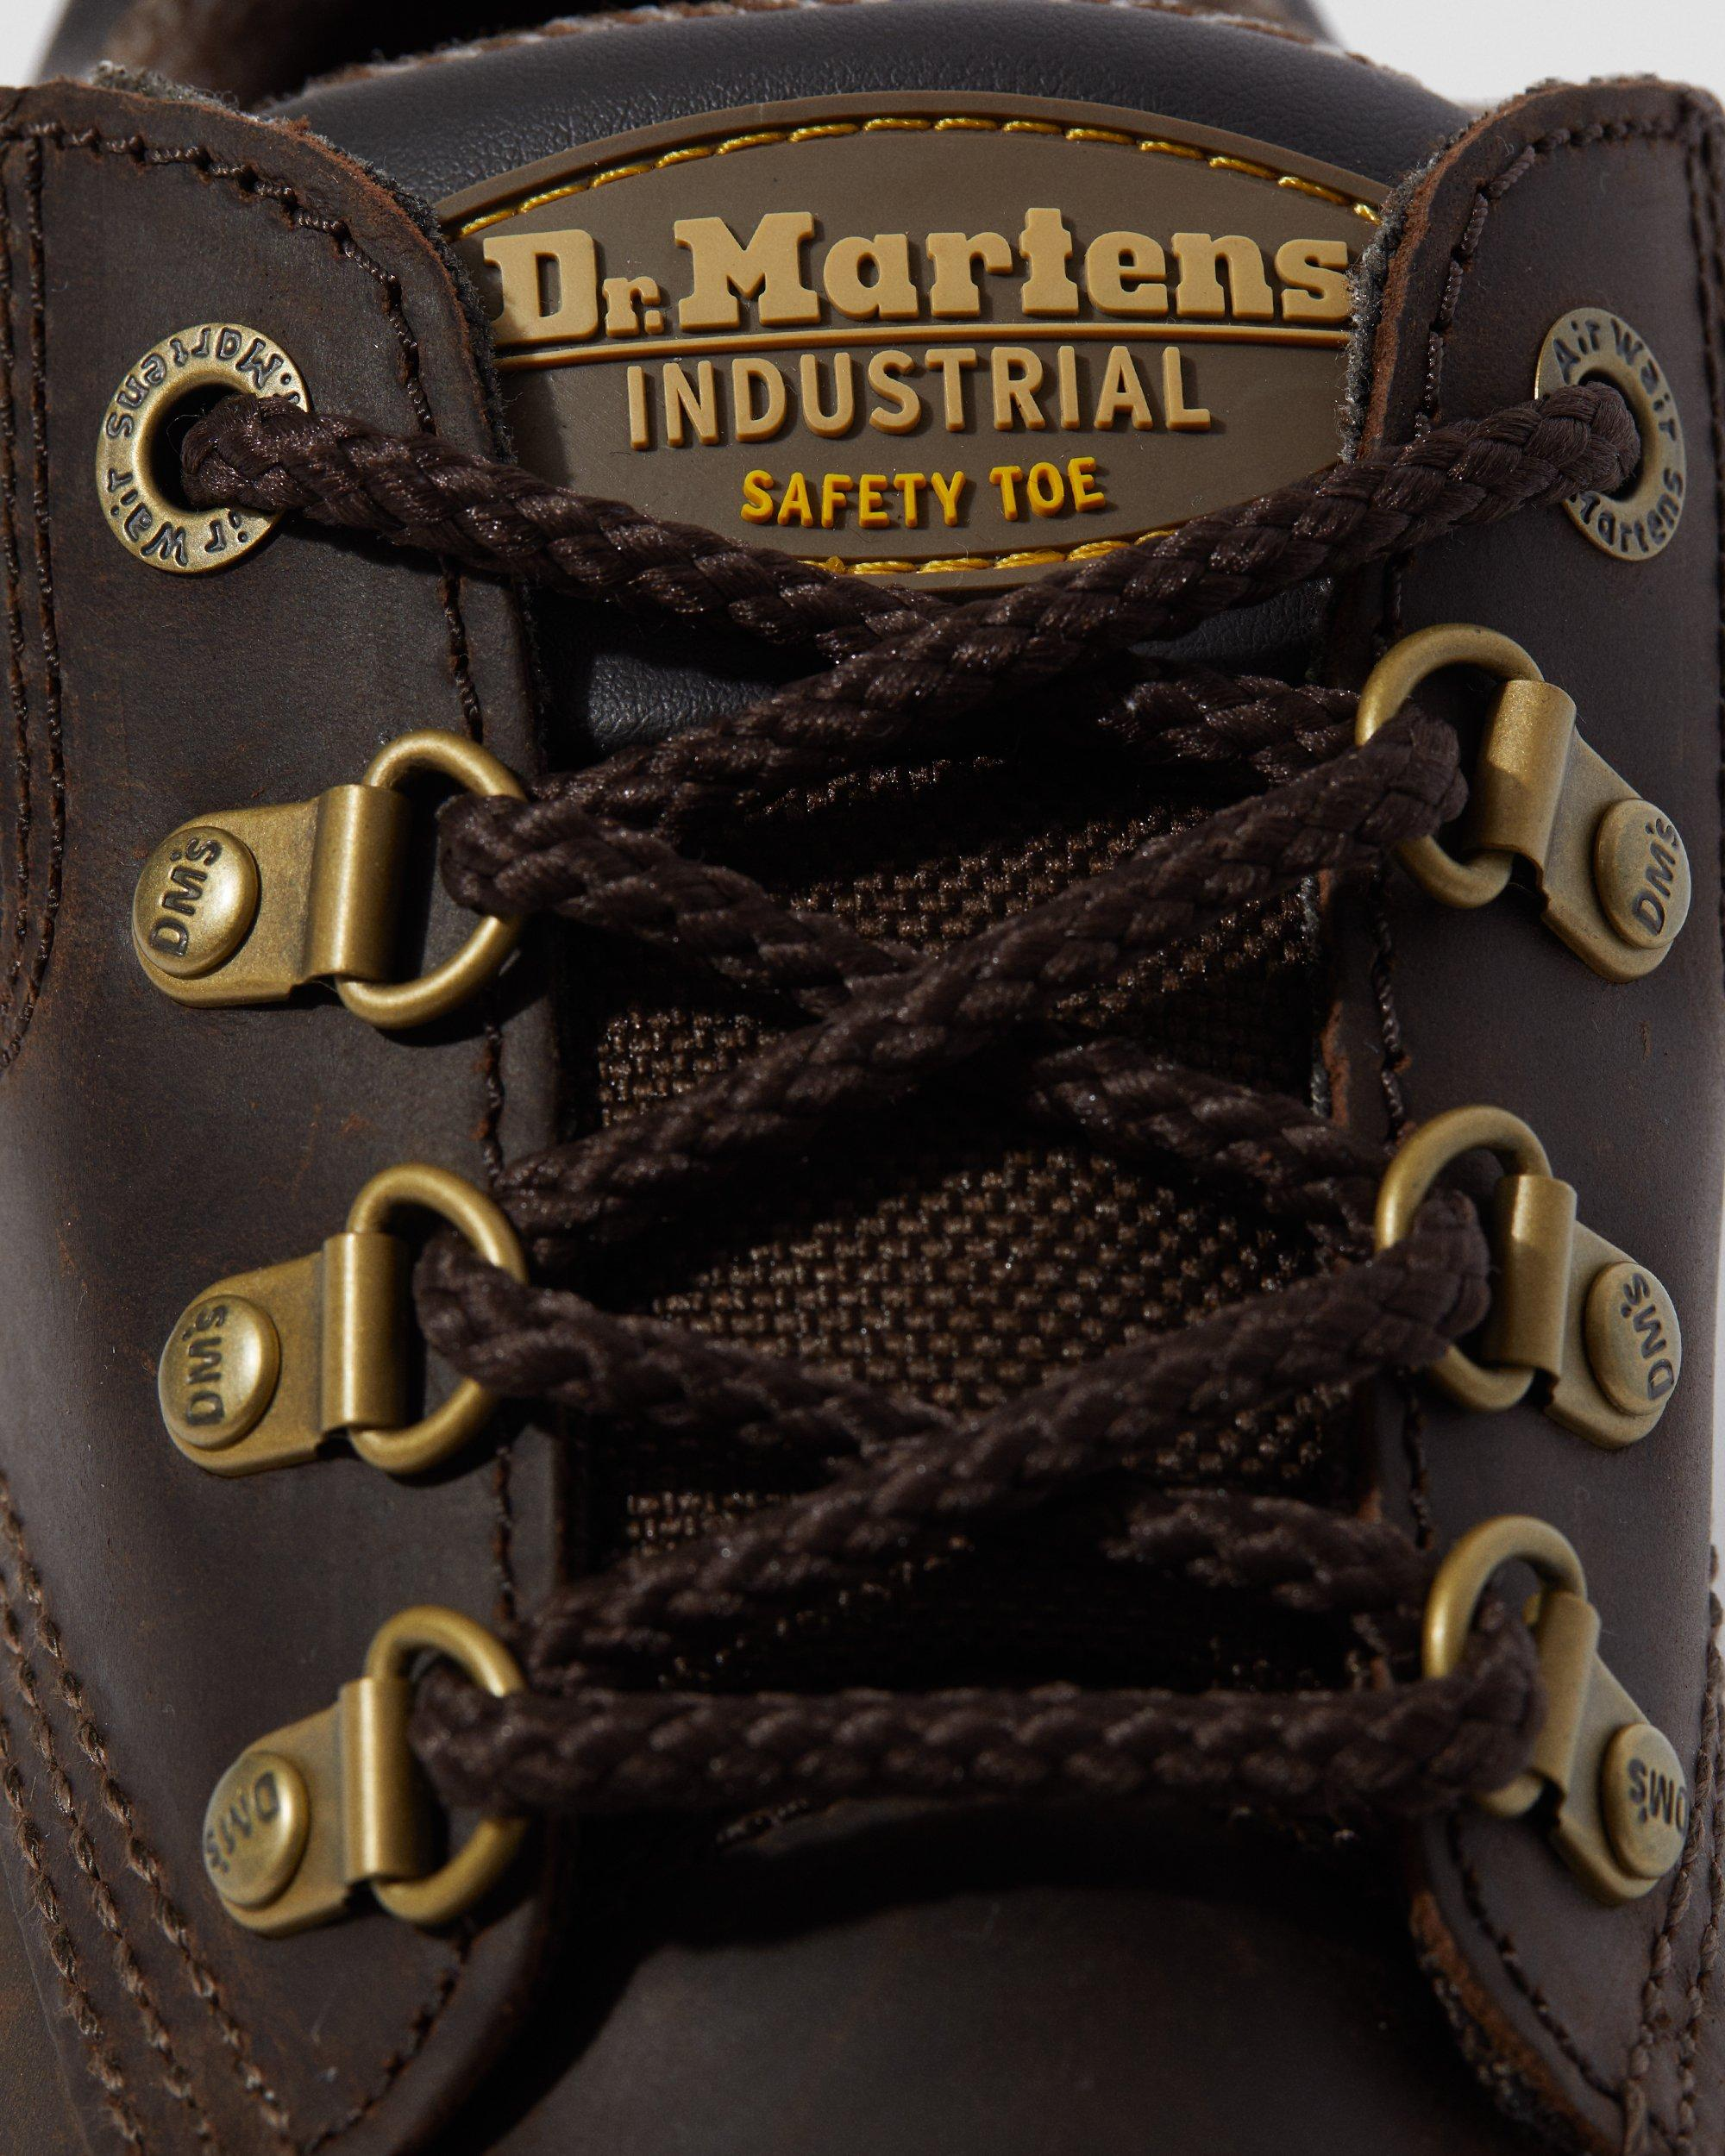 dr martens 7b1 steel toe